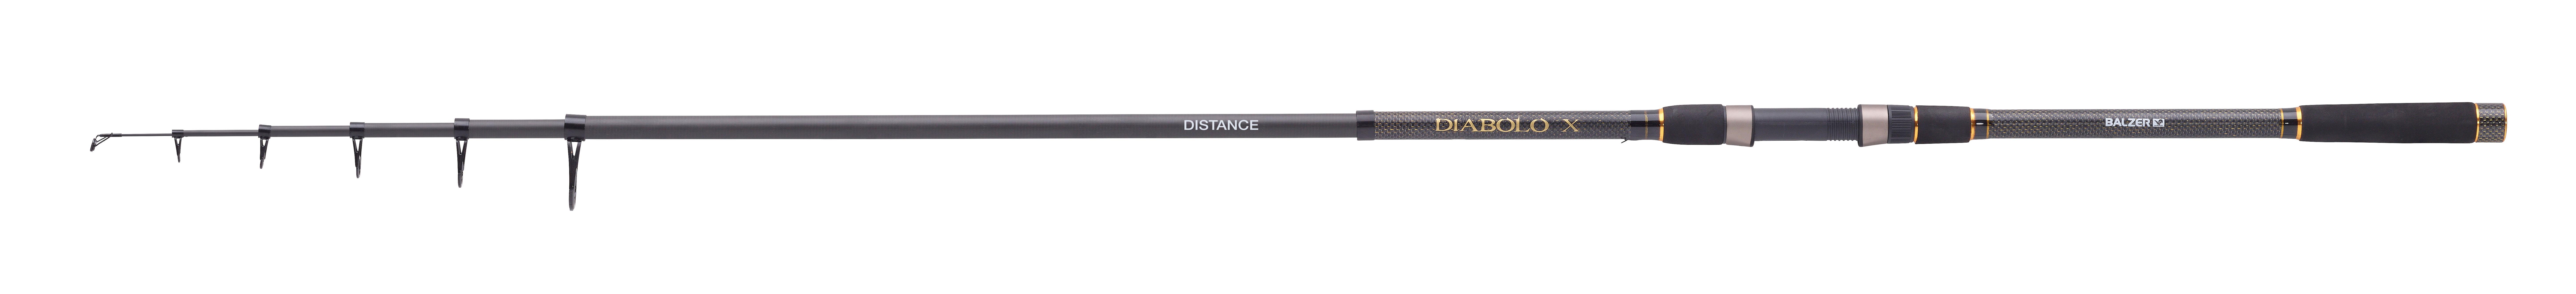 Balzer Diabolo X Tele Distance 3,60m 40-100g weite Würfe NEW OVP